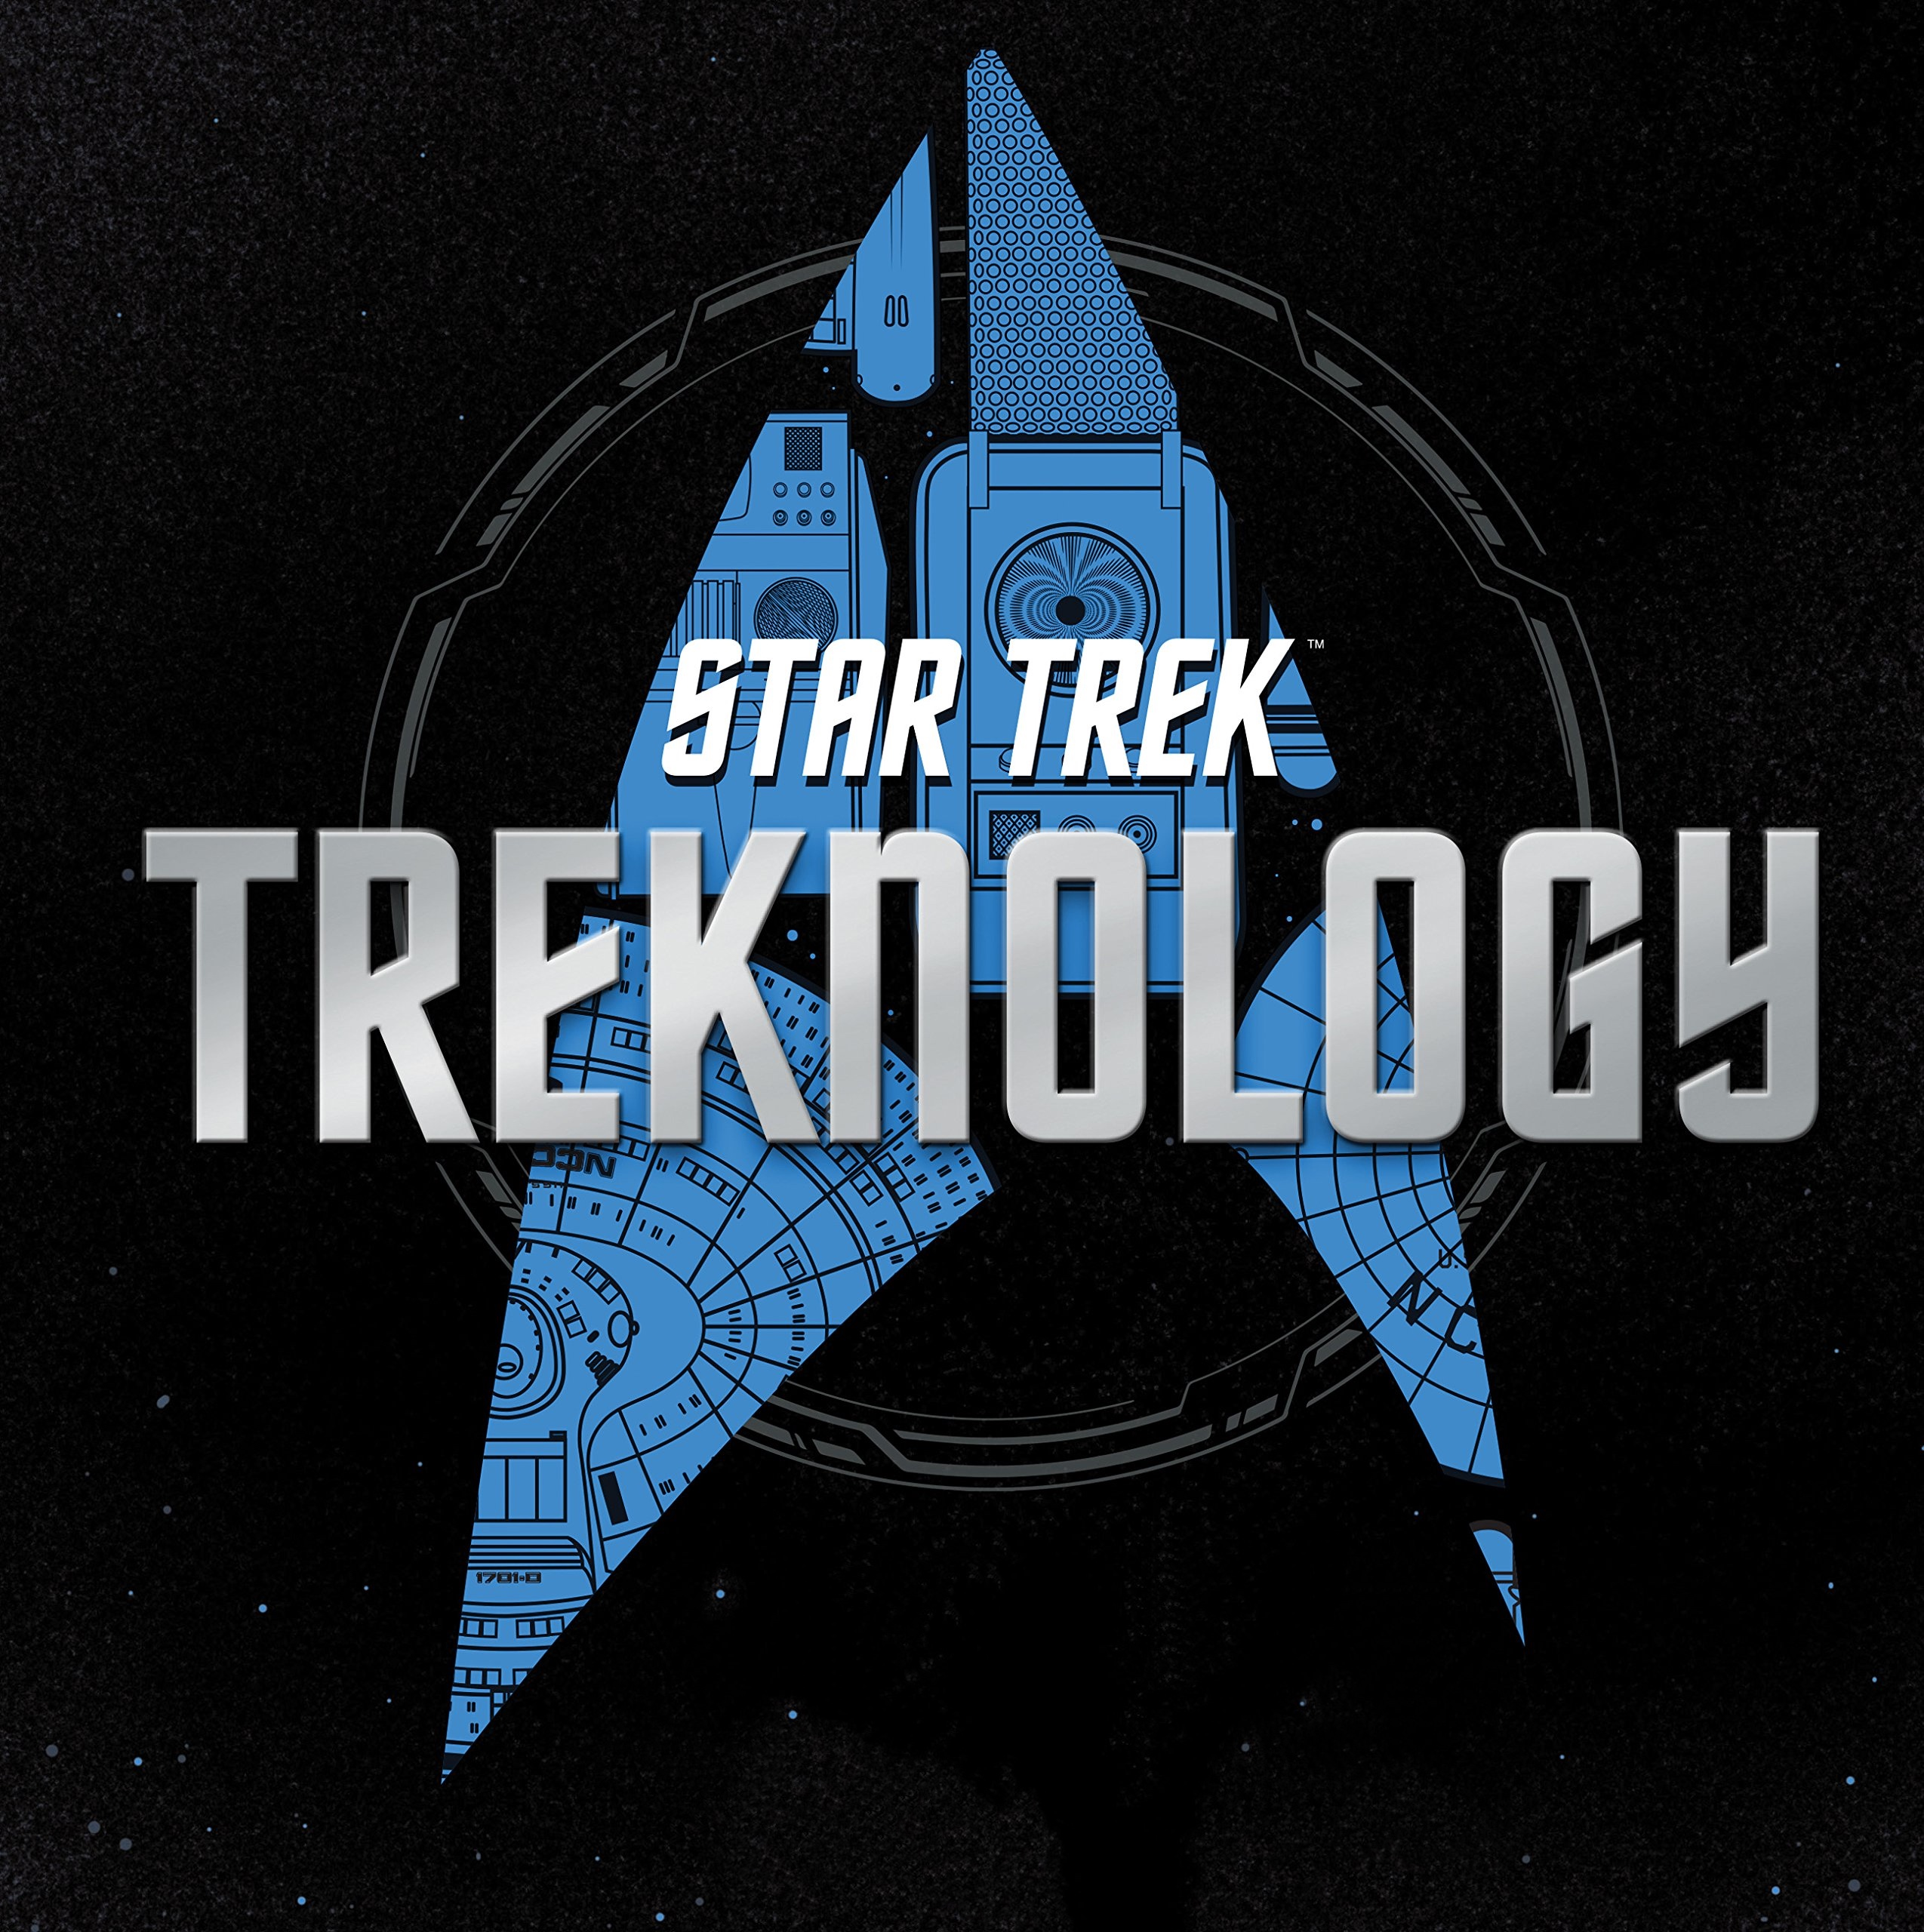 Tecnologias de Star Trek que se tornaram reais 1